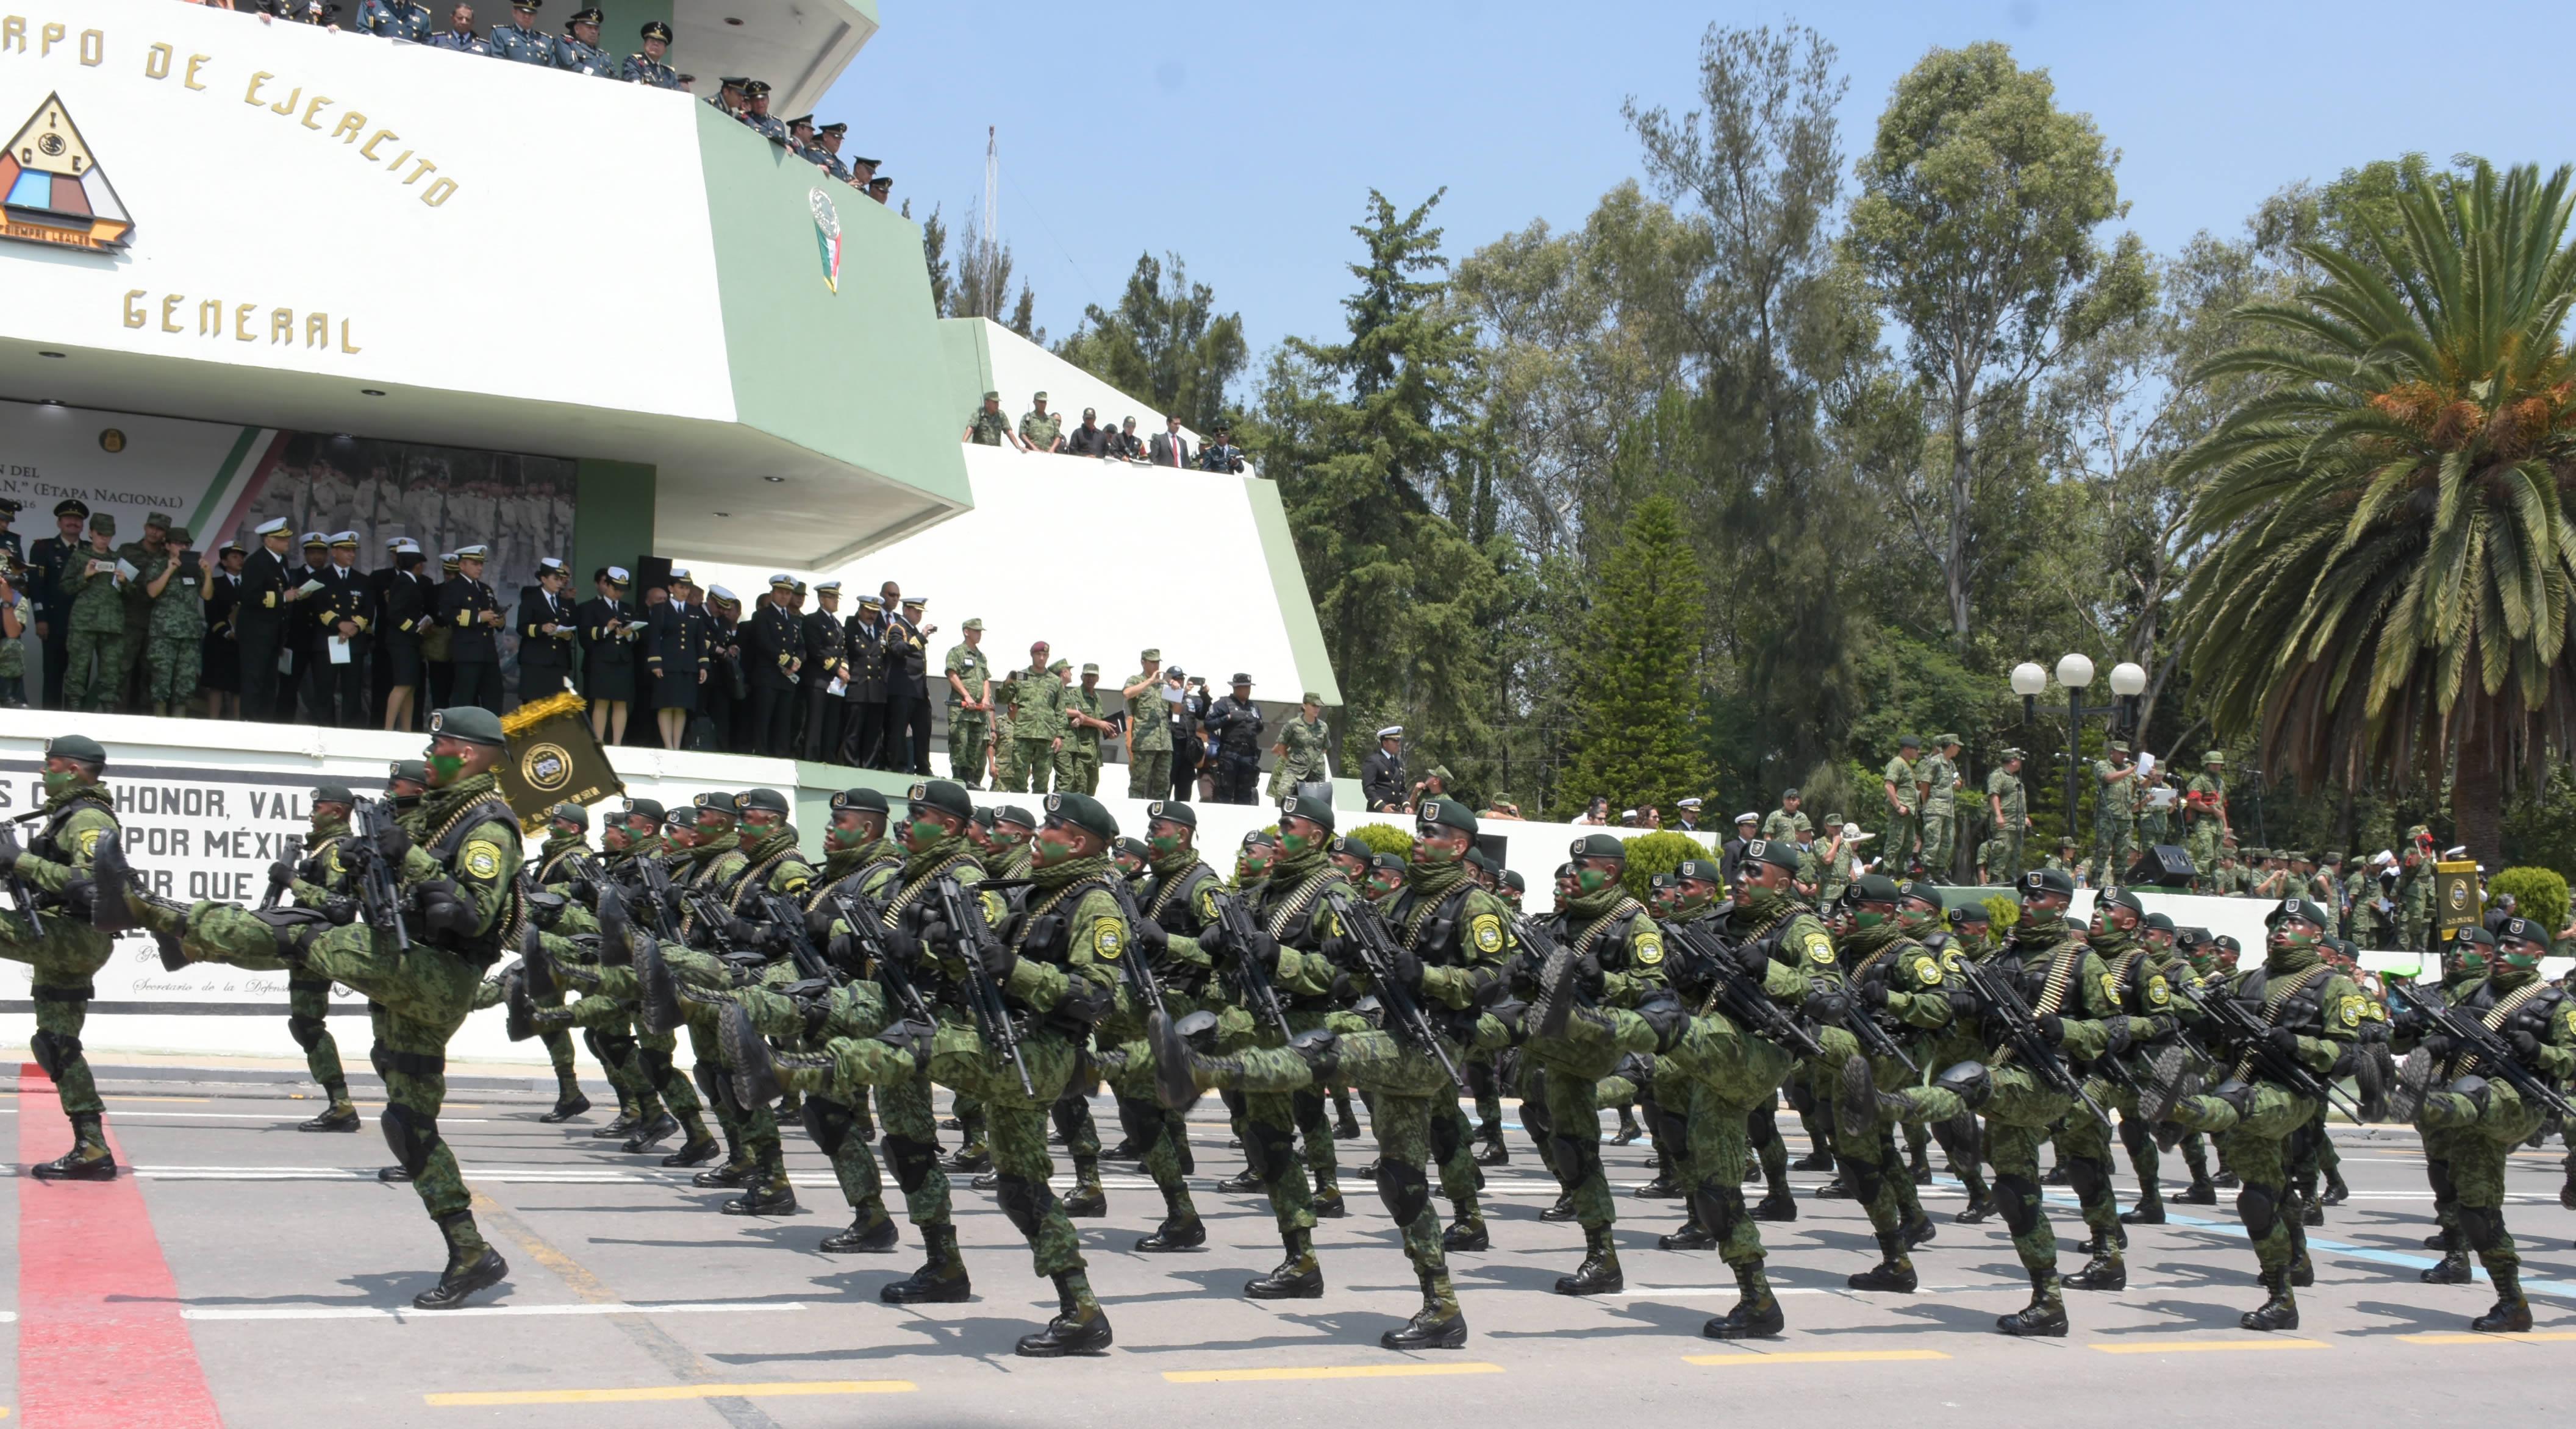 Invita la Sedena a la conmemoración del 154 aniversario de la batalla de Camarón de Tejeda